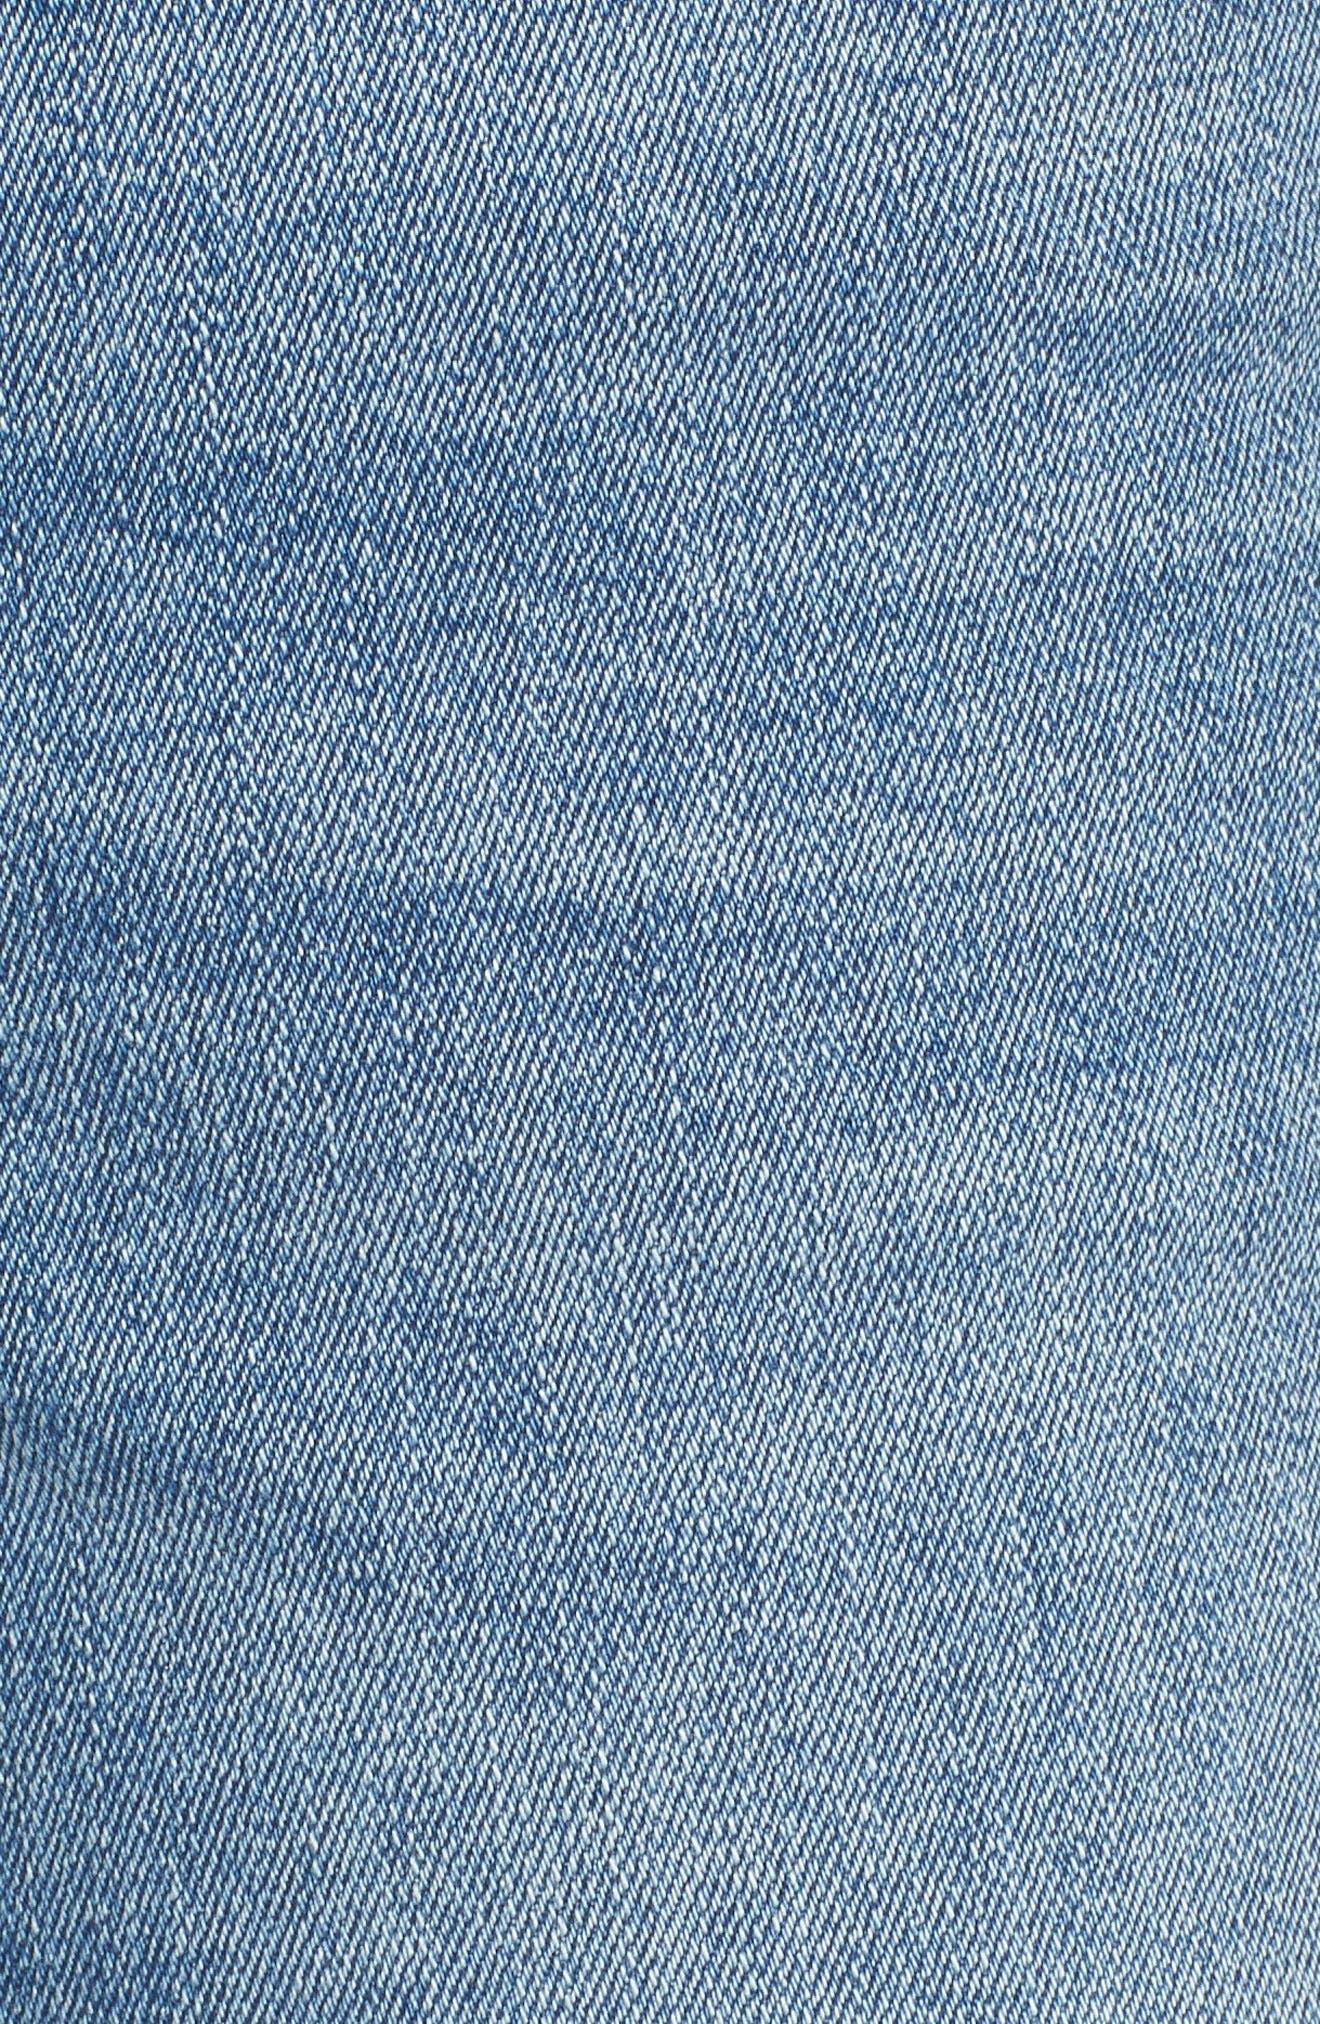 Mara Instasculpt Ankle Straight Leg Jeans,                             Alternate thumbnail 6, color,                             EVERETT